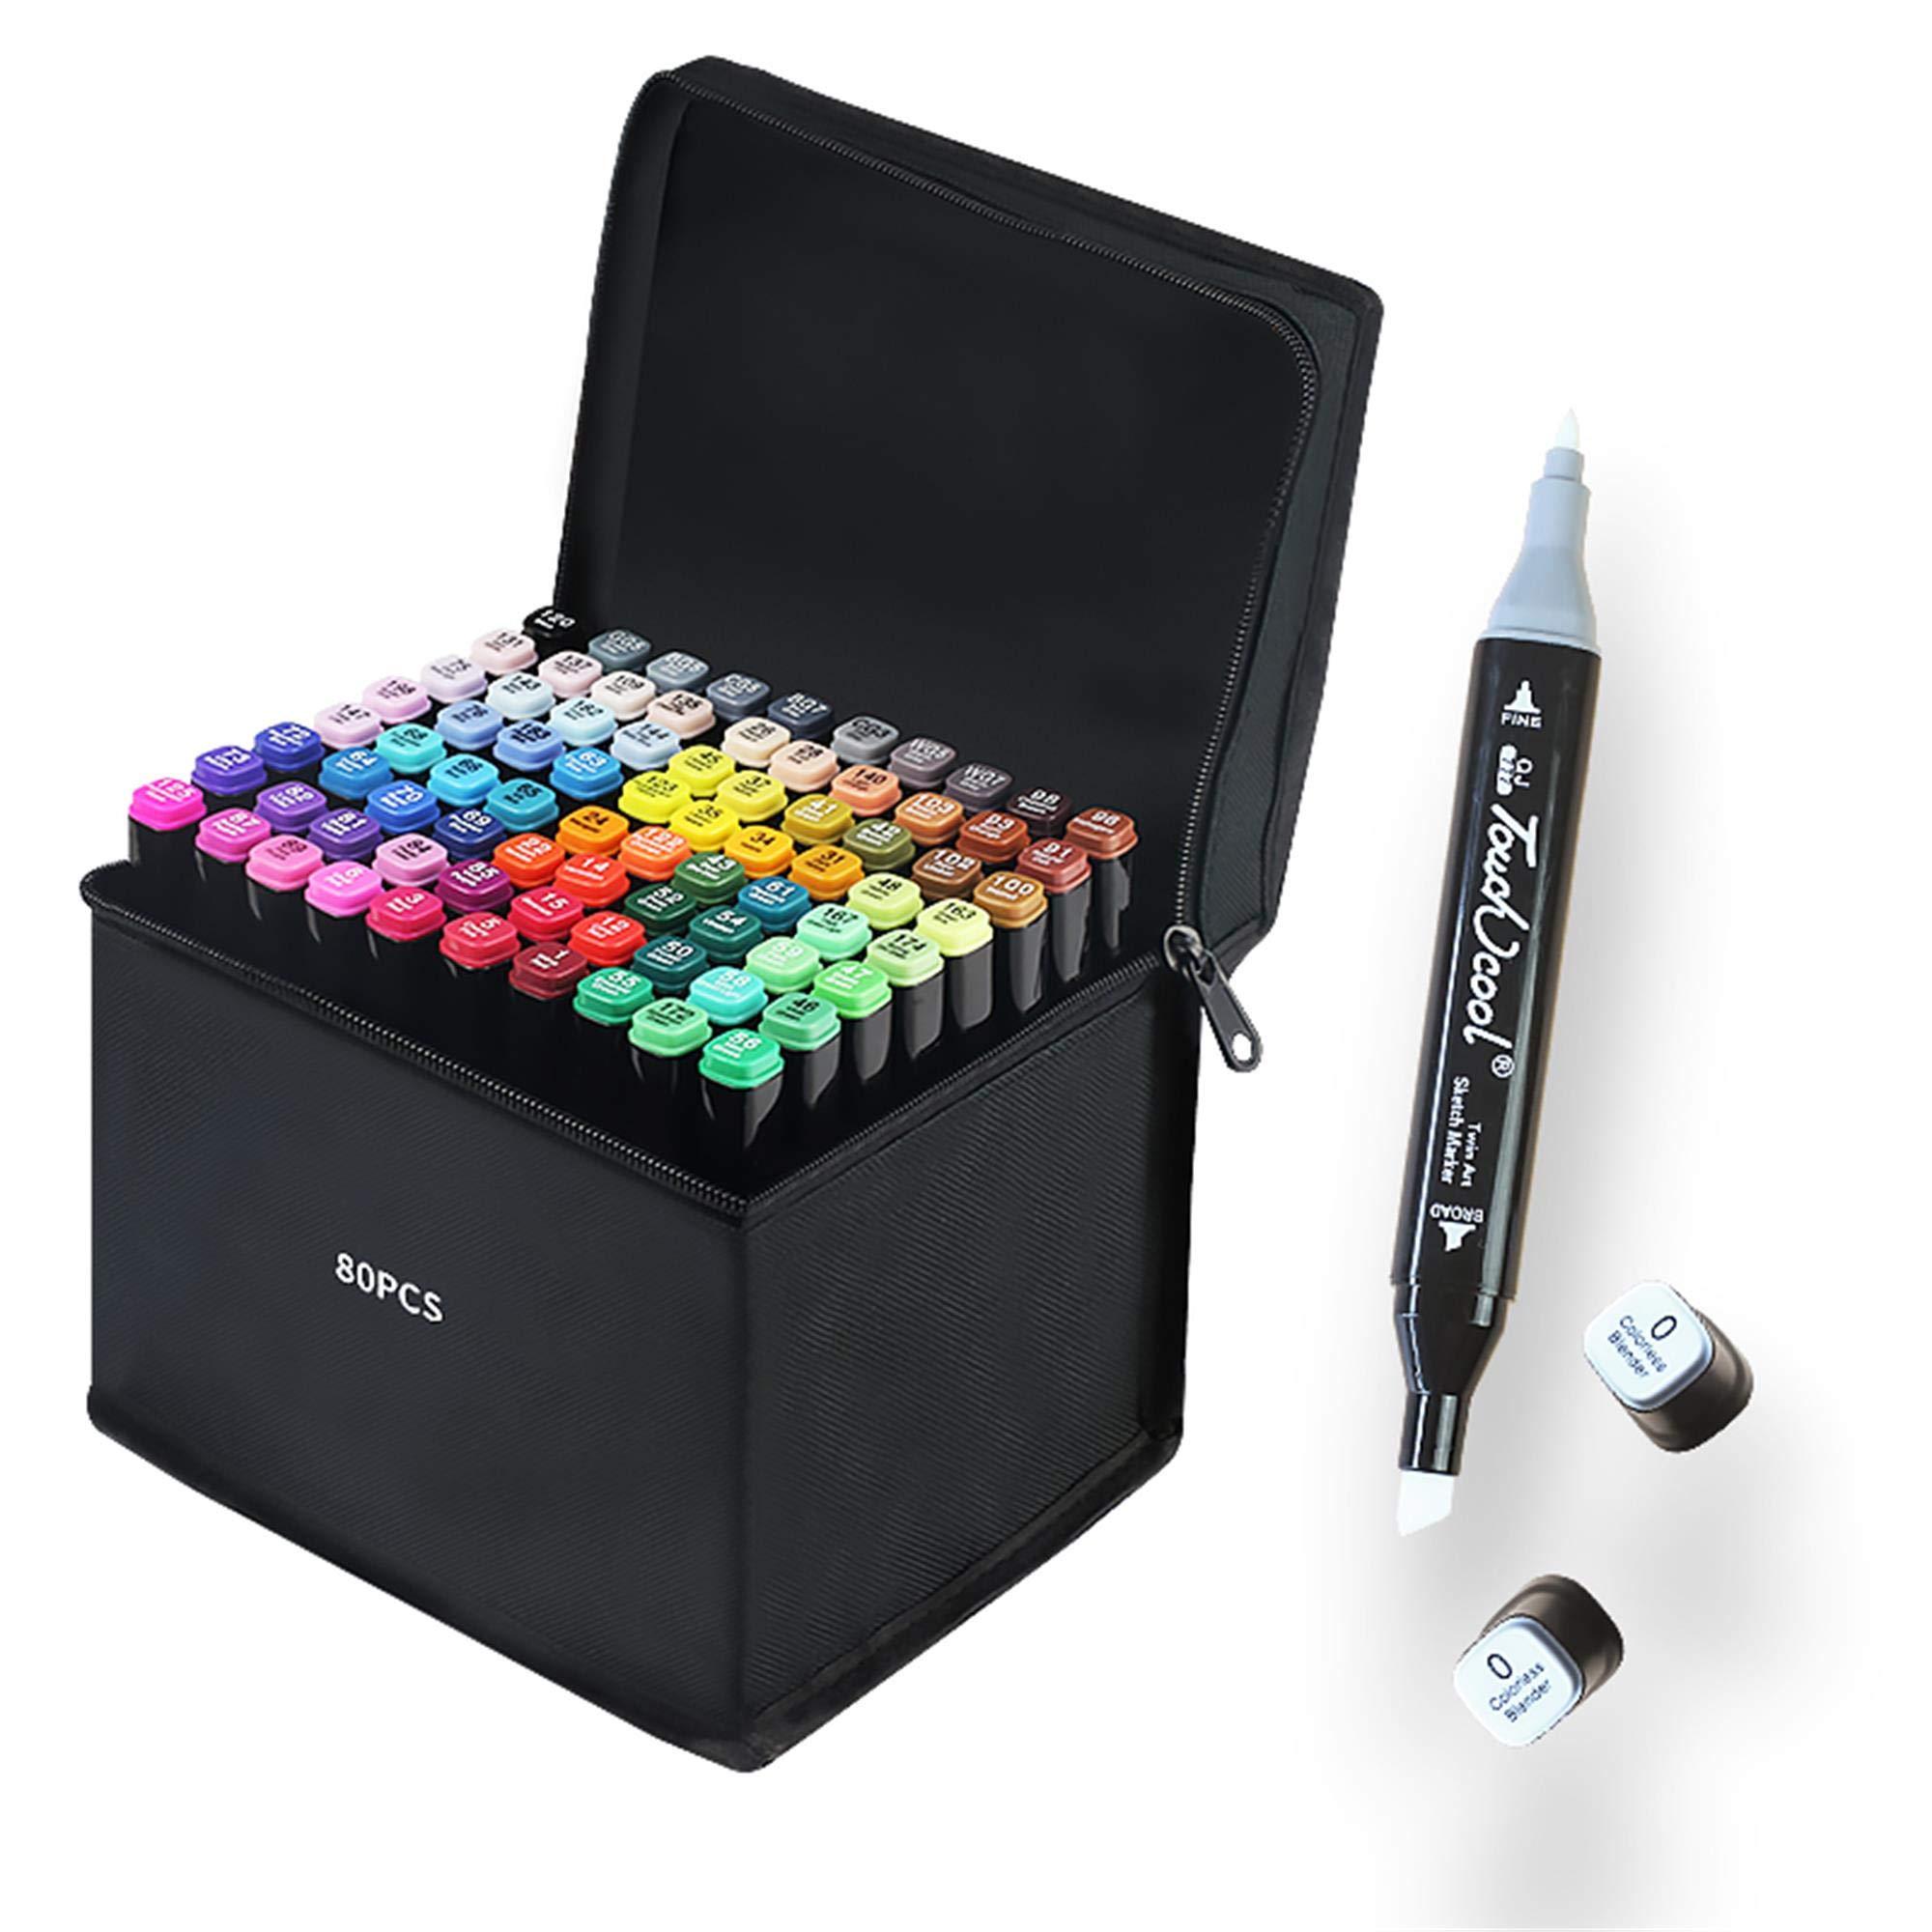 81 Colores Marker Pen Set Dibujo Rotulador Animación Boceto Marcadores Set con Estuche de Transporte para Dibujar Colorear Resaltar y Subrayar (81 Pcs): Amazon.es: Hogar